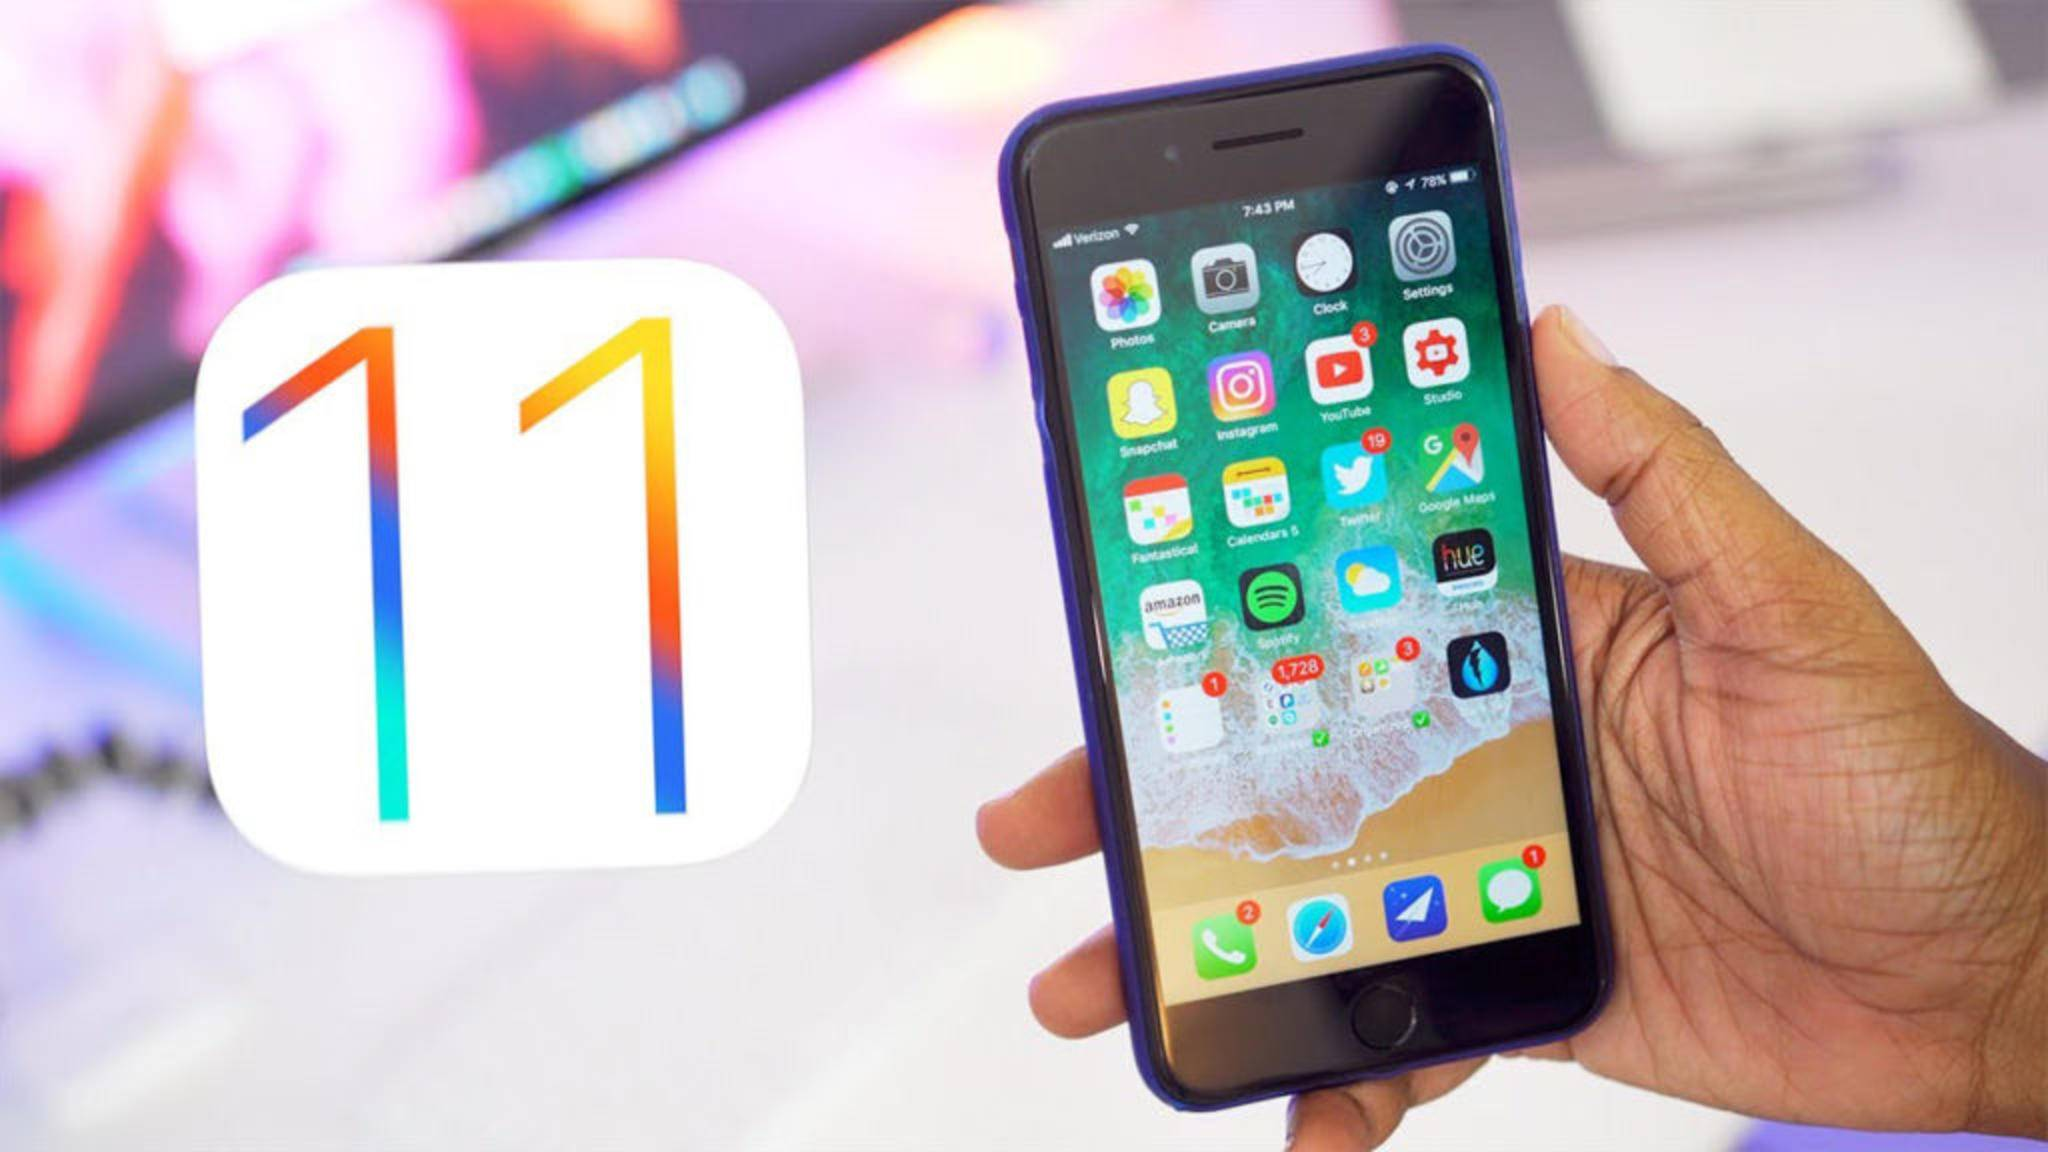 Nutzer berichten, dass viele Apps unter iOS 11 sehr viel länger laden.